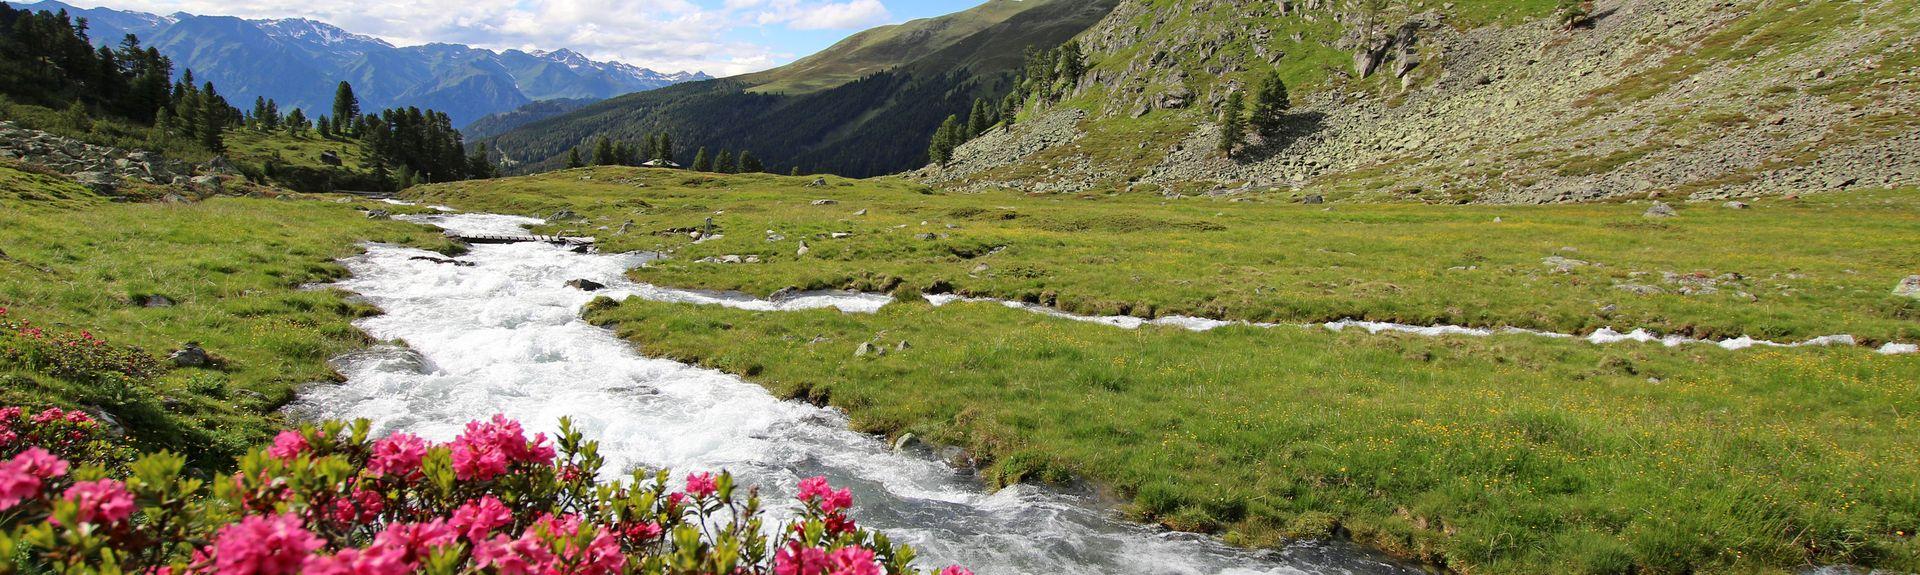 Sankt Anton am Arlberg stasjon, Sankt Anton am Arlberg, Tirol, Østerrike